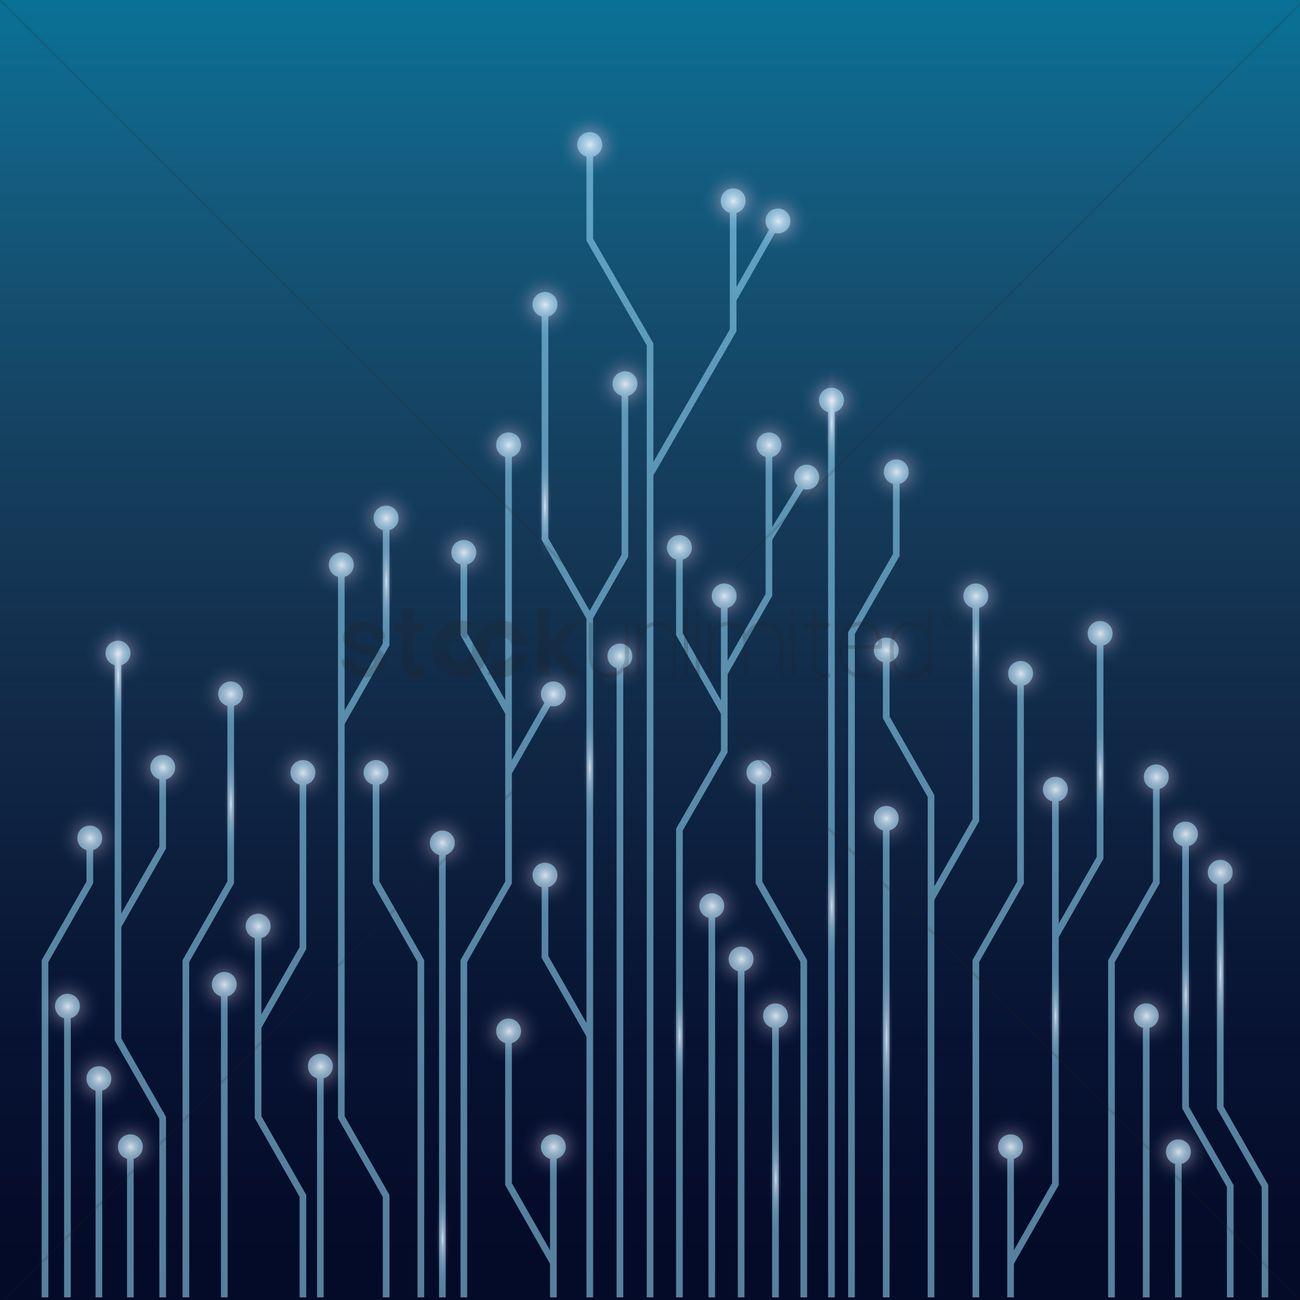 Wall Designs Ideas Circuit Board Tree Design Vector Image 1647154